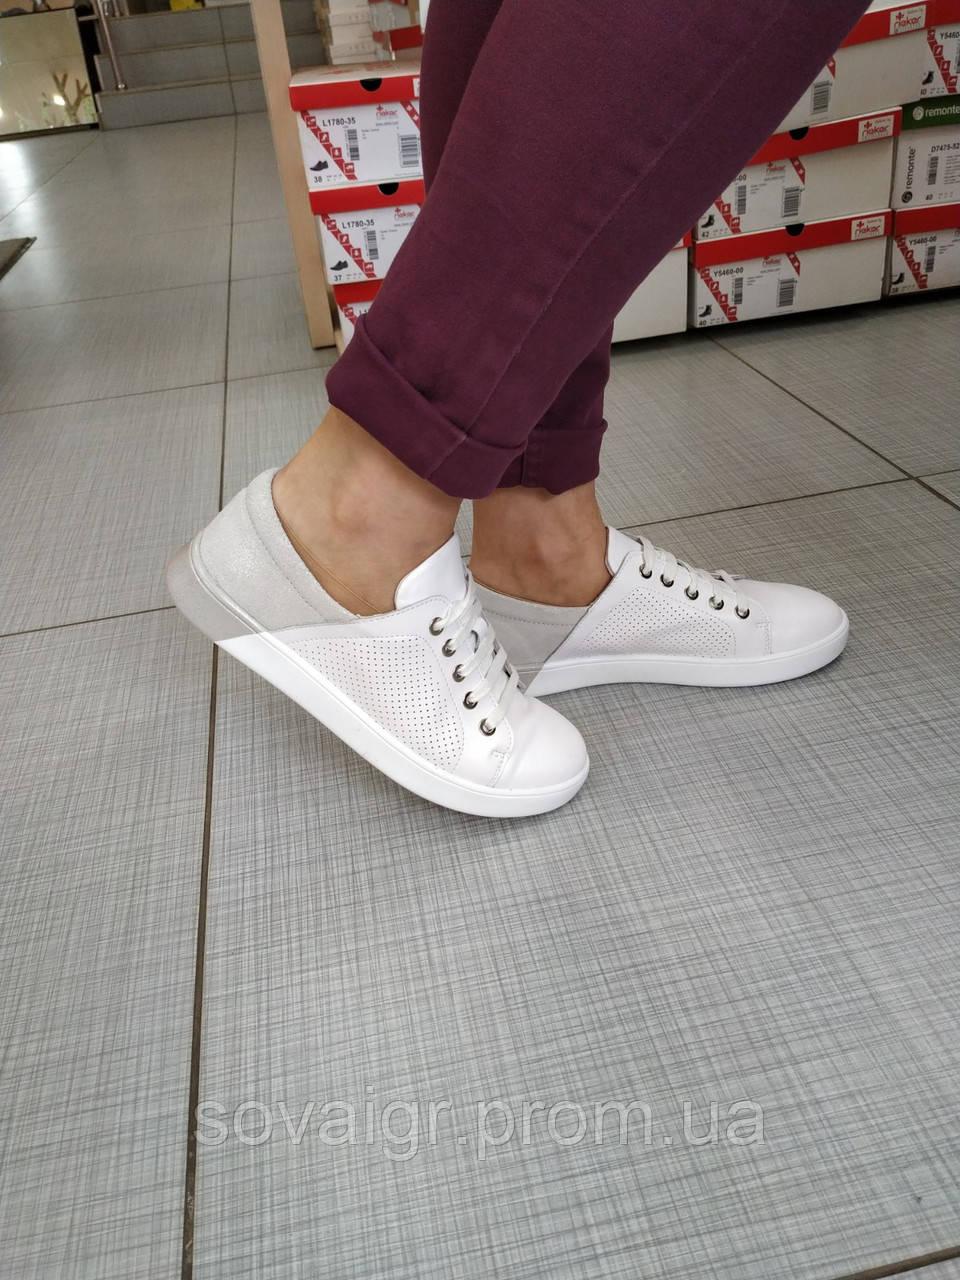 82a436df Купить Подростковые кожаные белые кеды для девочки Palazzo D